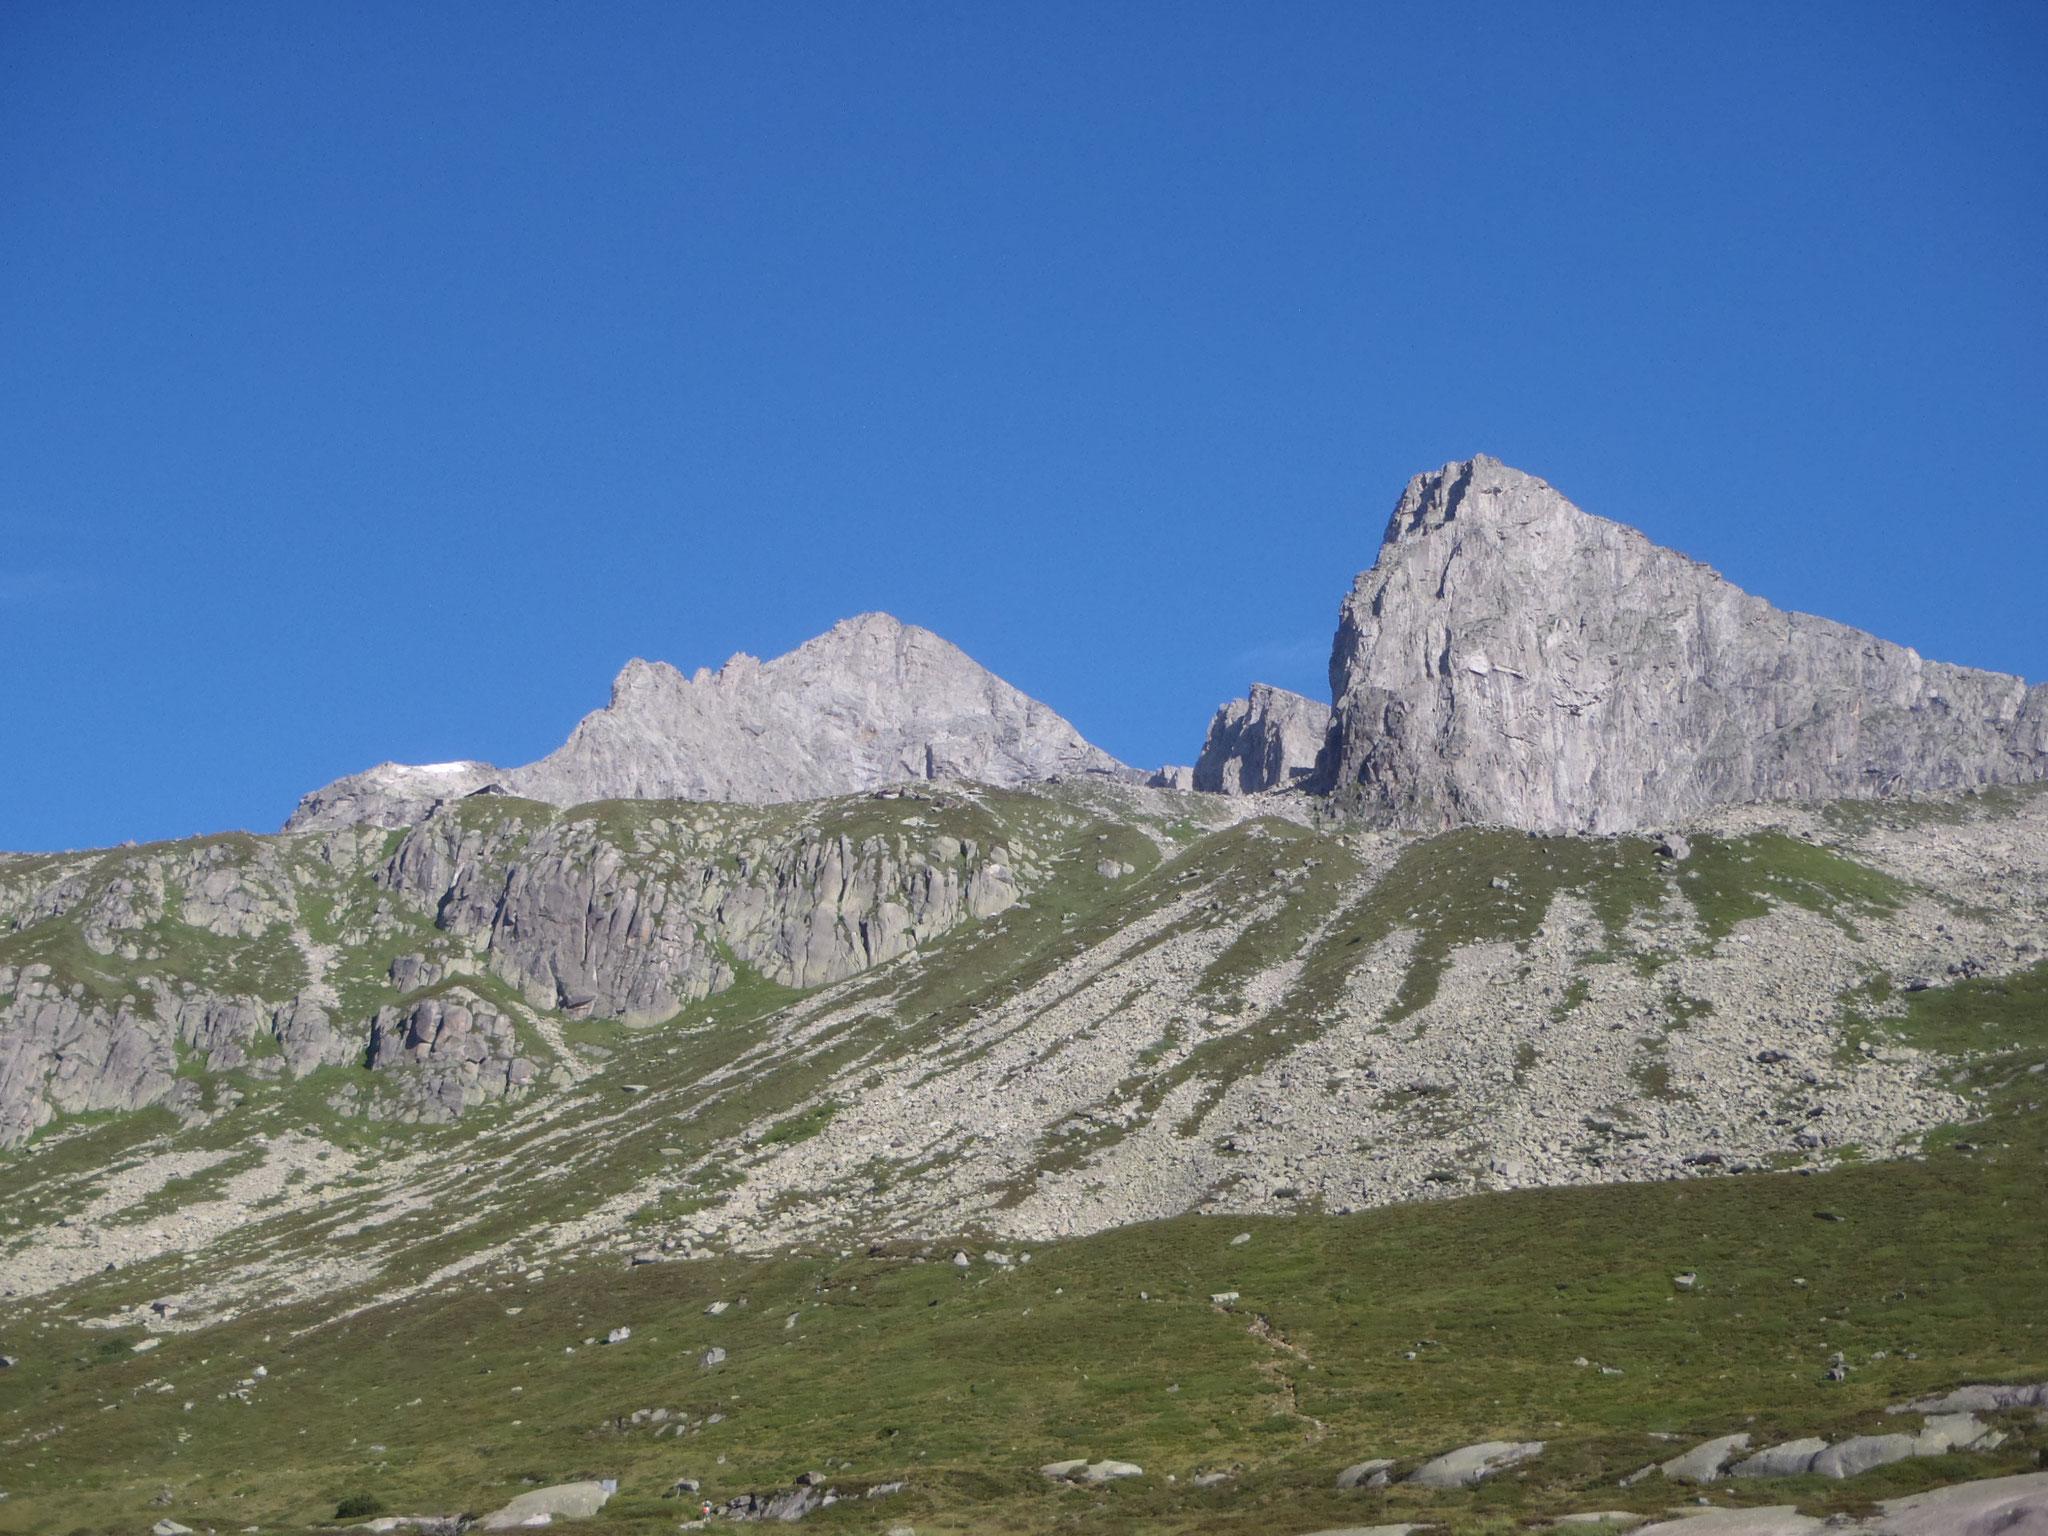 Klettersteig Bälmeten : Klettersteig u201ekrokodilu201c bergseeschijen 2816 m.ü.m. bieri